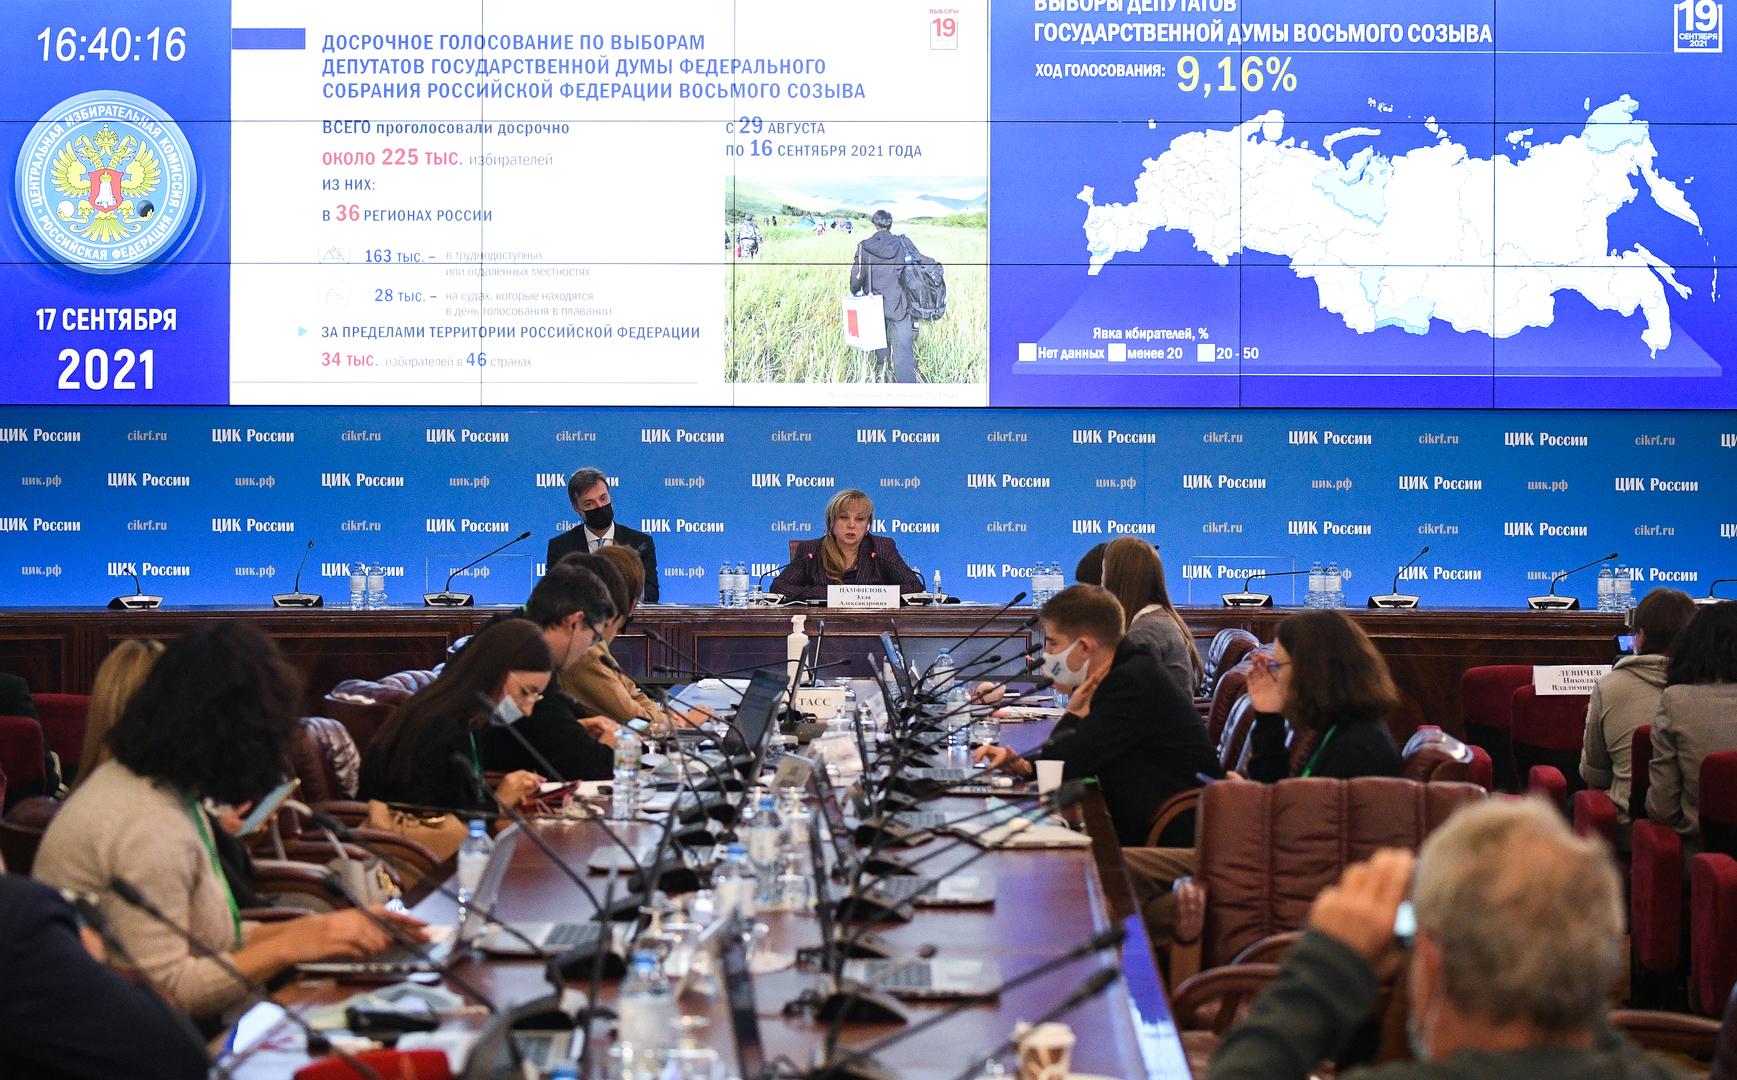 اختتام اليوم الأول من انتخابات مجلس الدوما والسلطات المحلية في روسيا